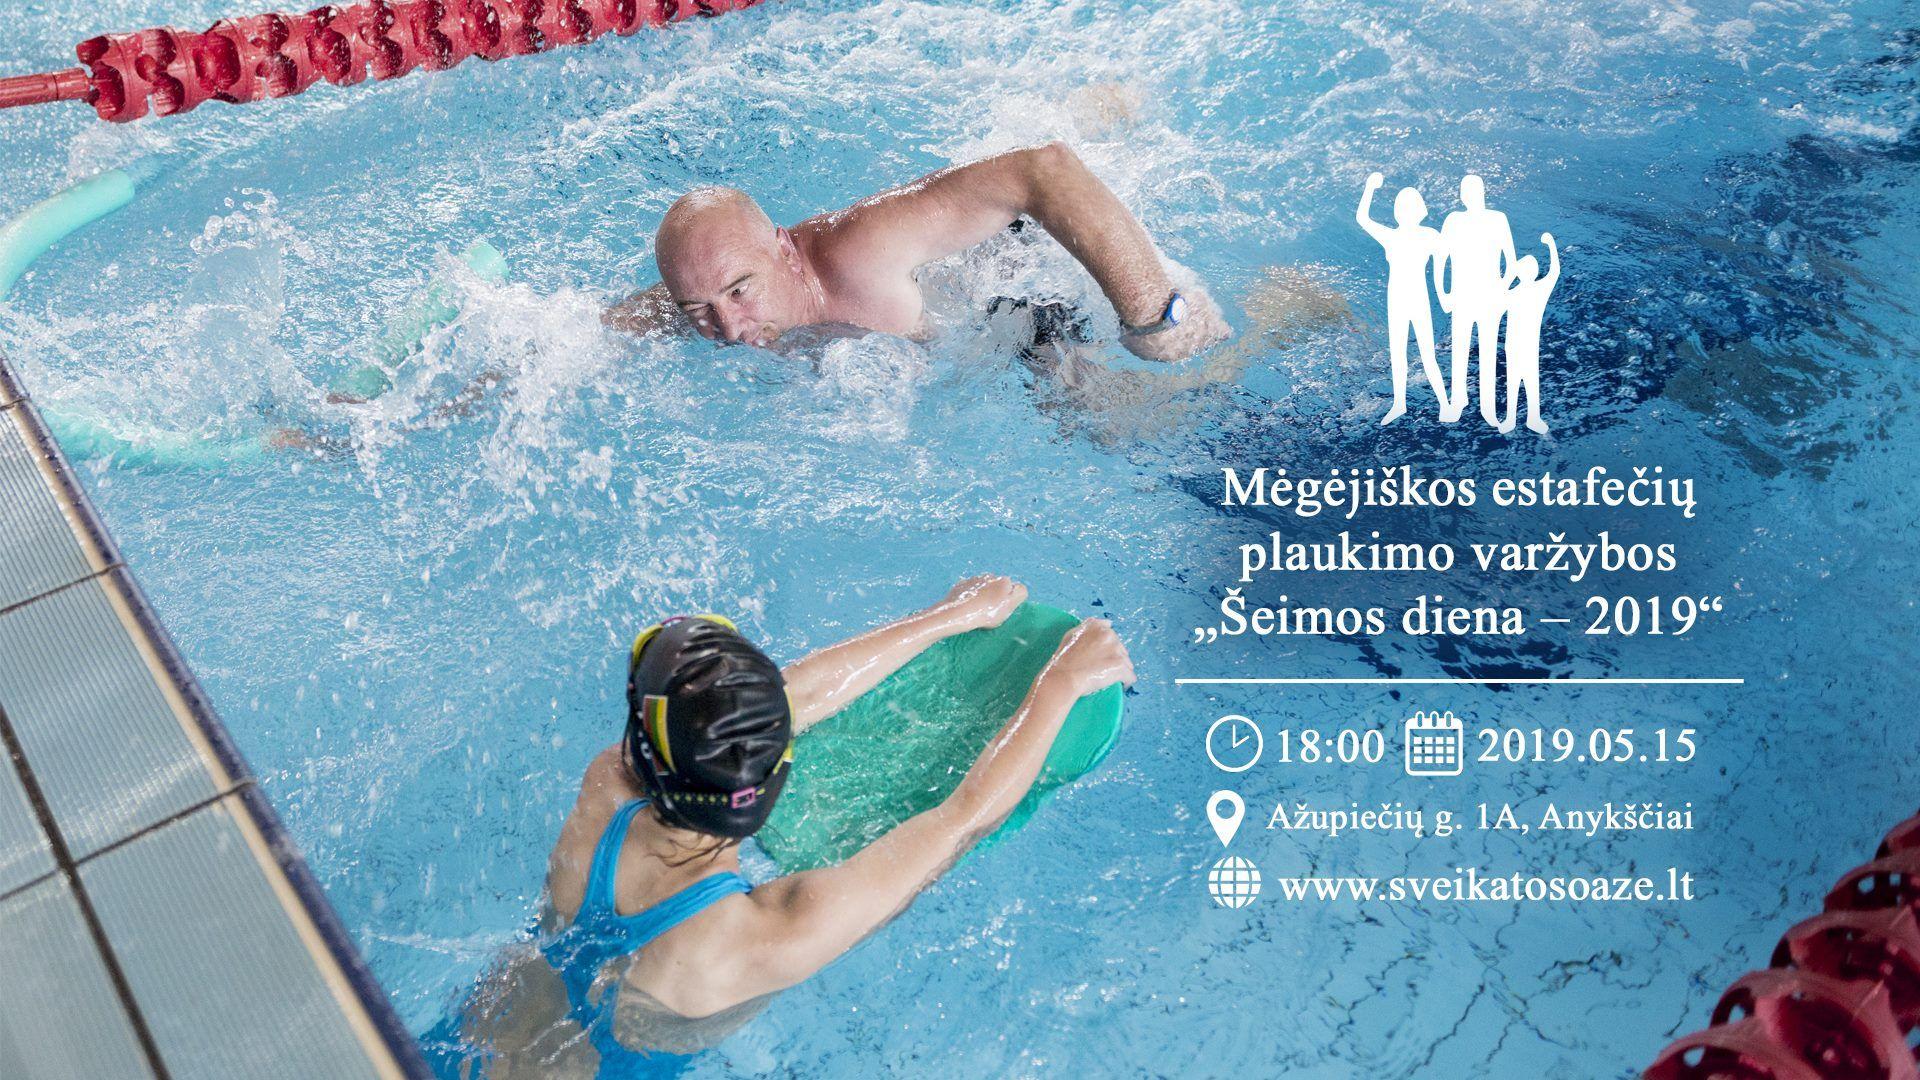 """Mėgėjiškos estafečių plaukimo varžybos """"Šeimos diena-2019"""""""